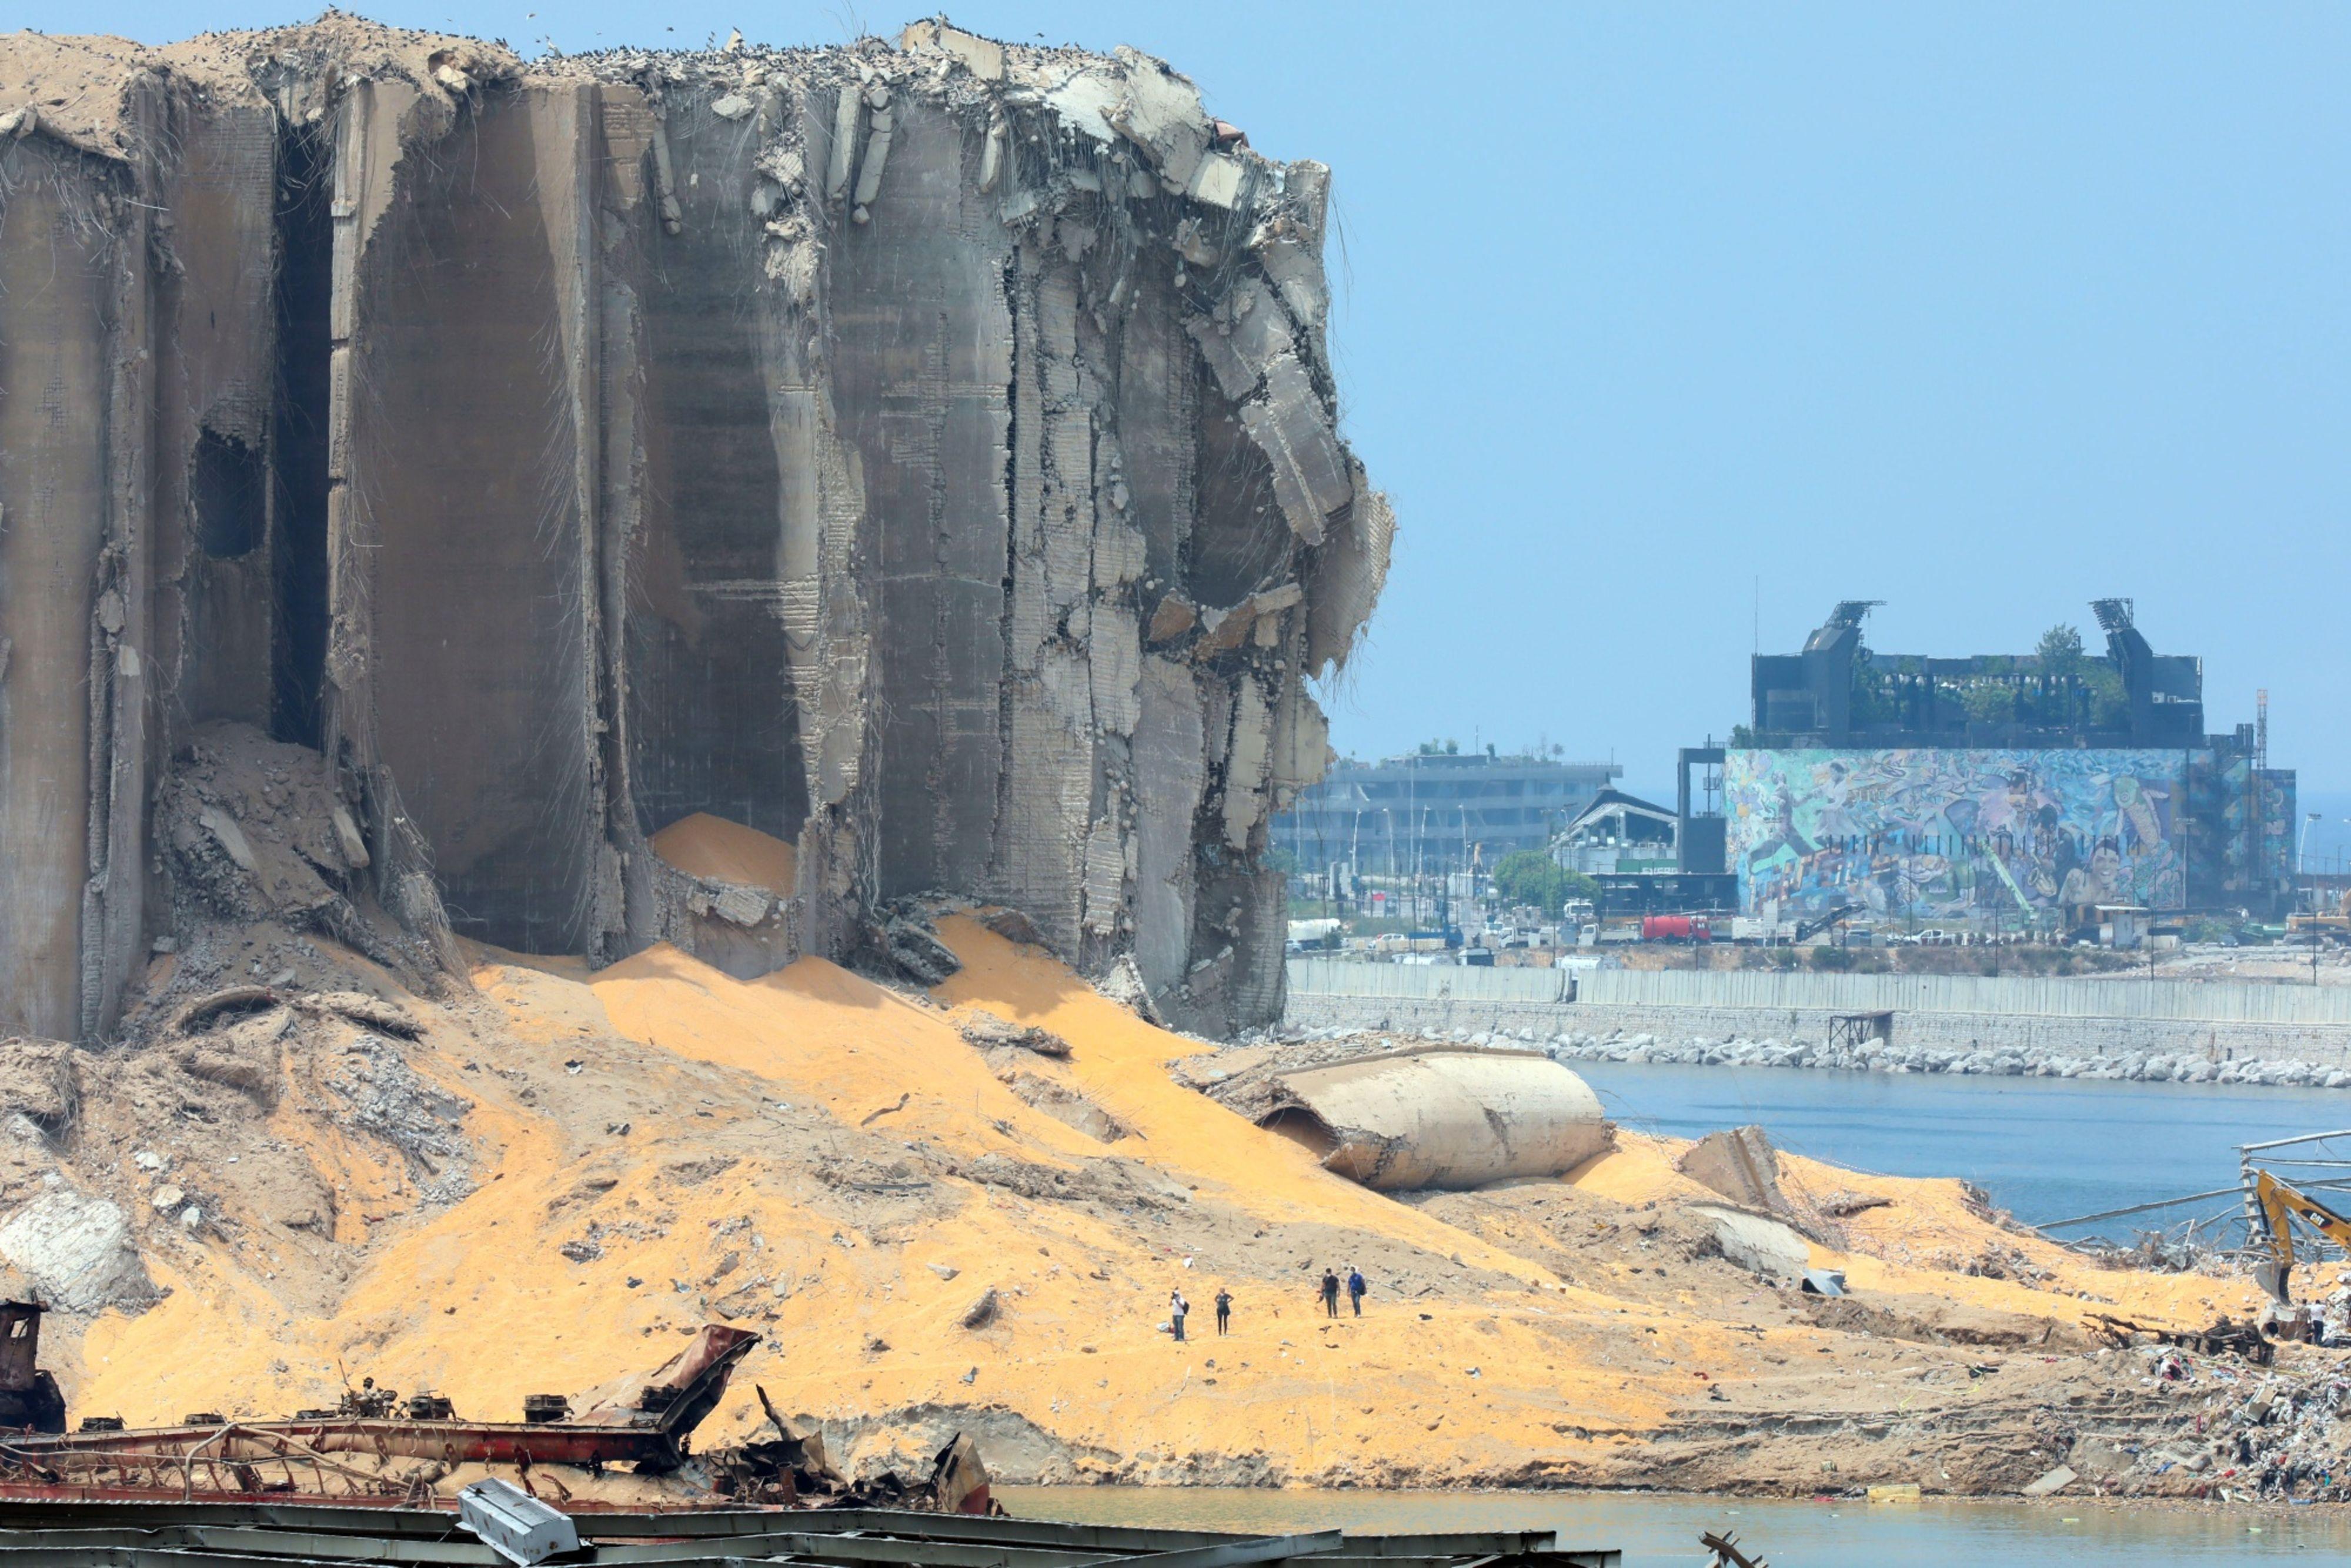 Loa granos se salen de los silos dañados por la explosión, en el puerto de Beirut, en agosto 2020.